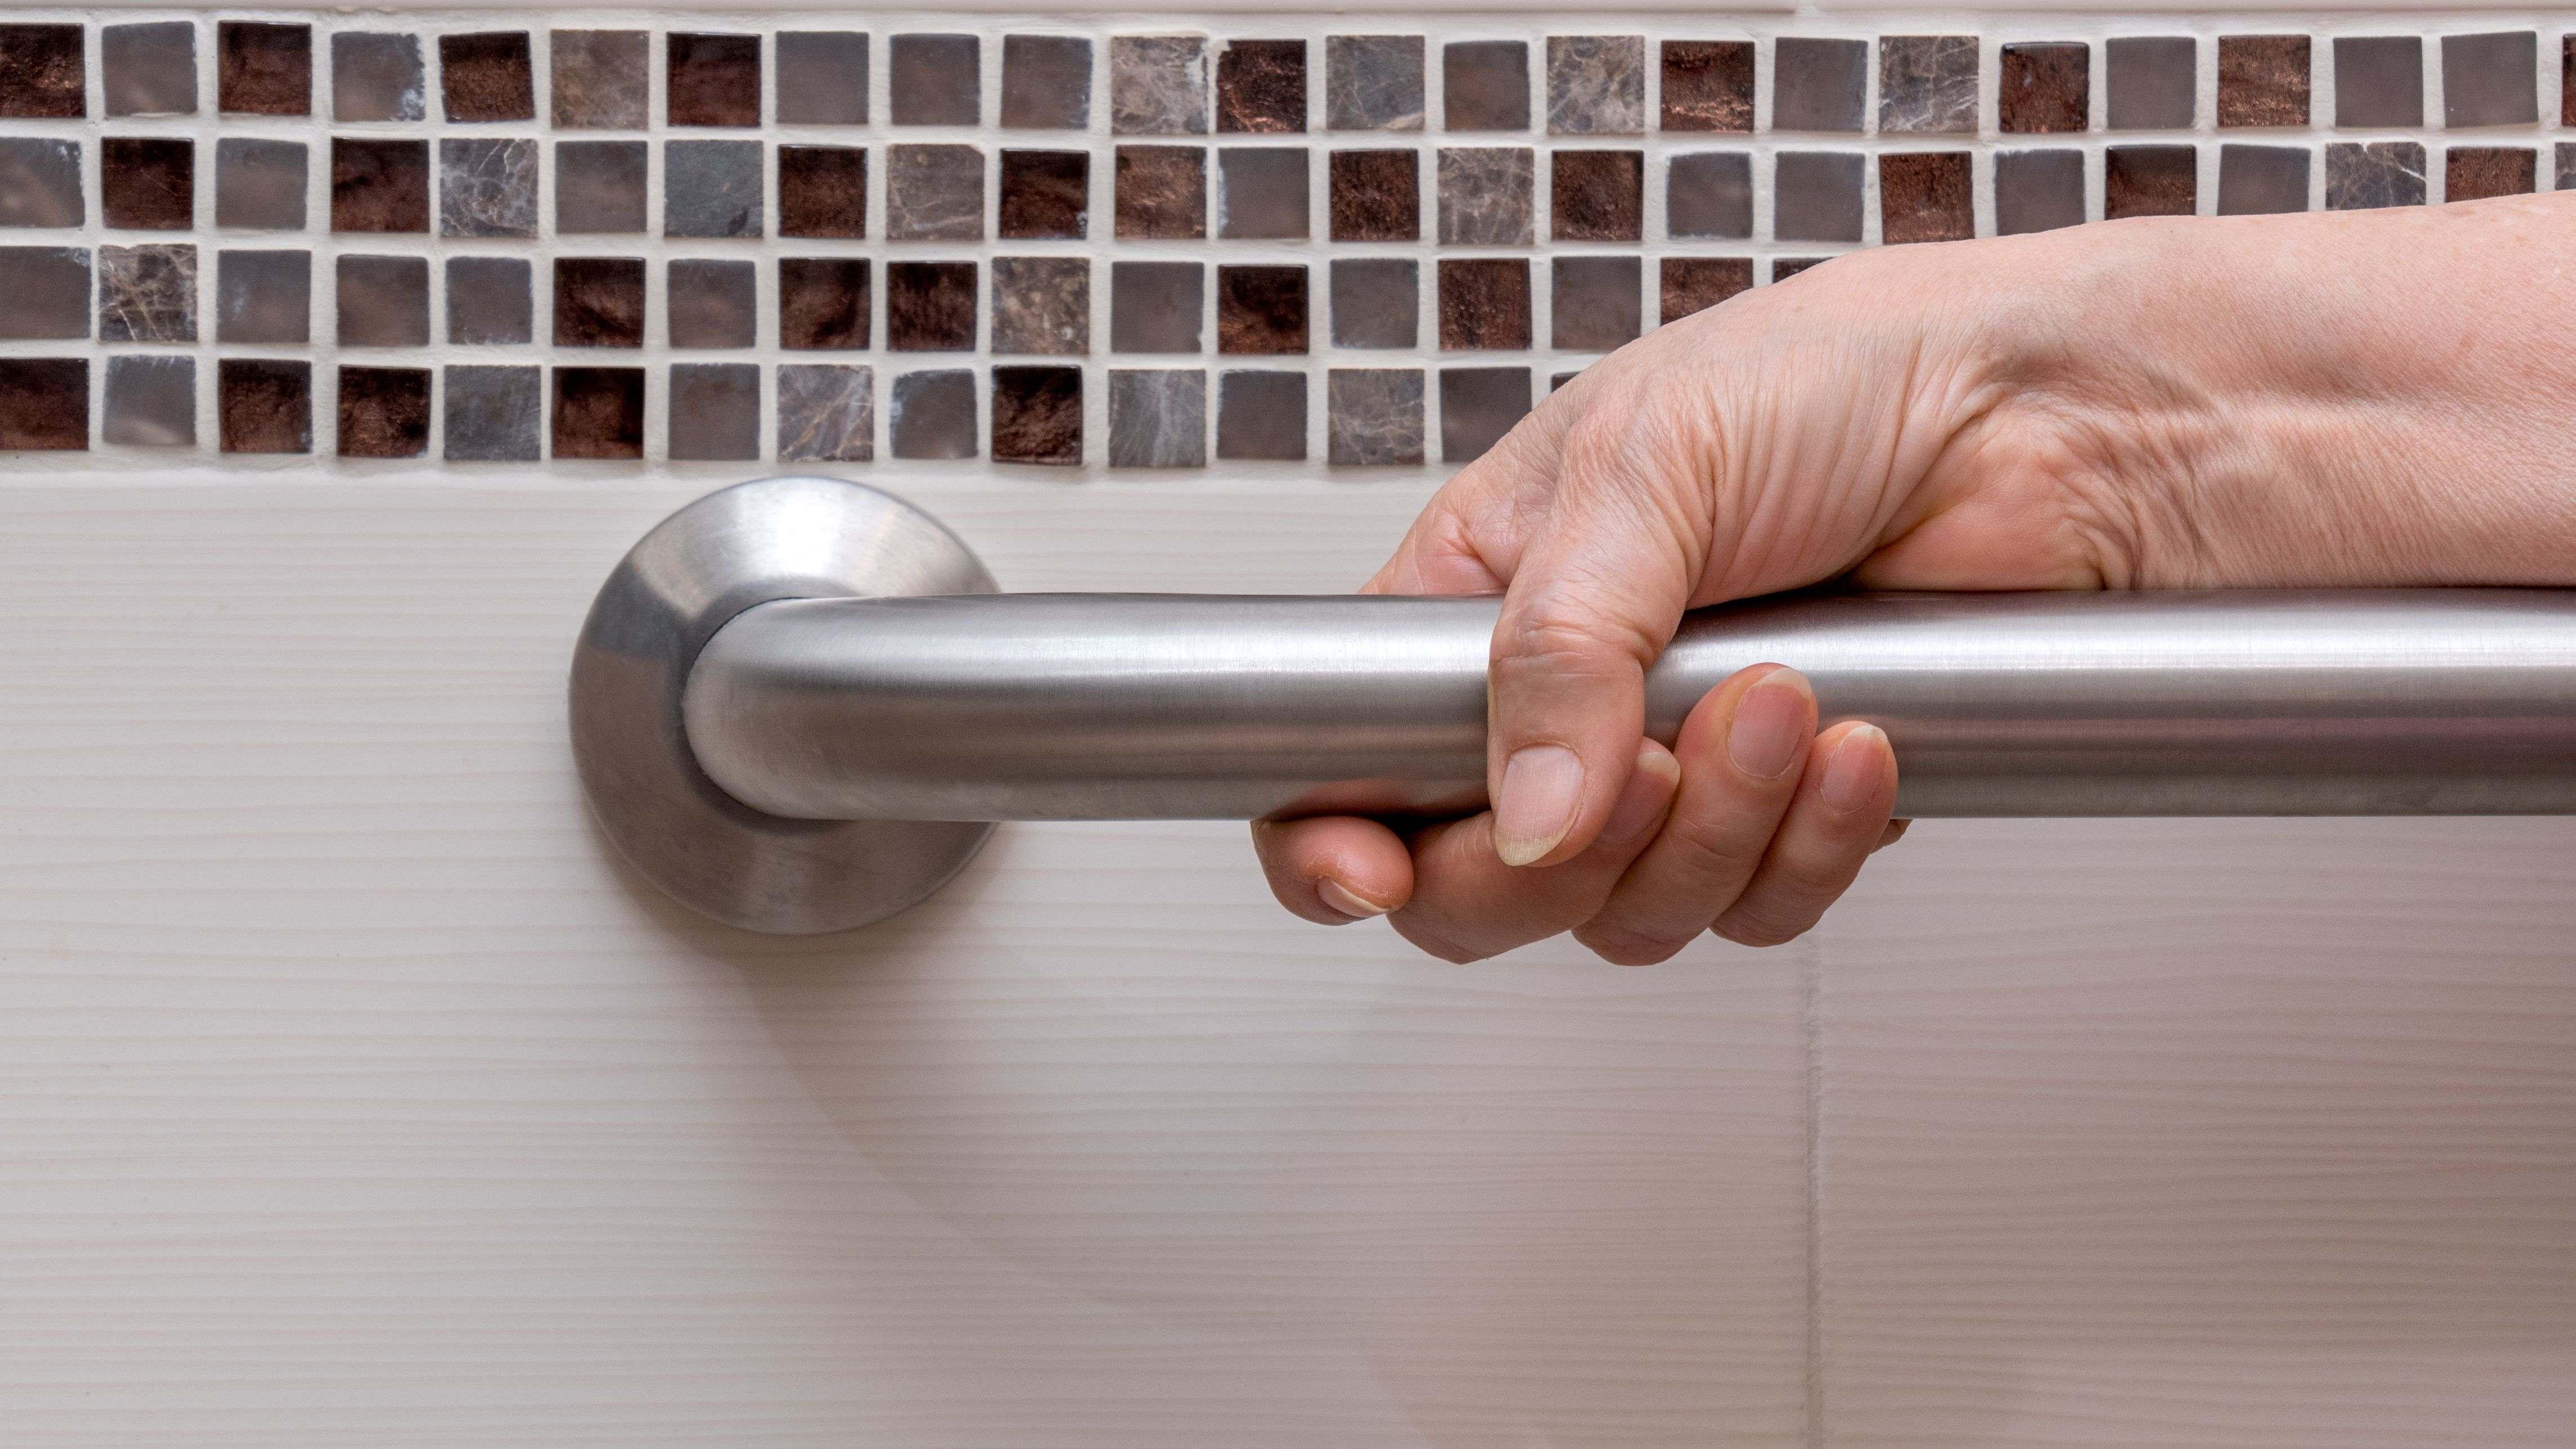 Tapis antidérapant de salle de bains, siège de douche et barre de baignoire :  comment choisir